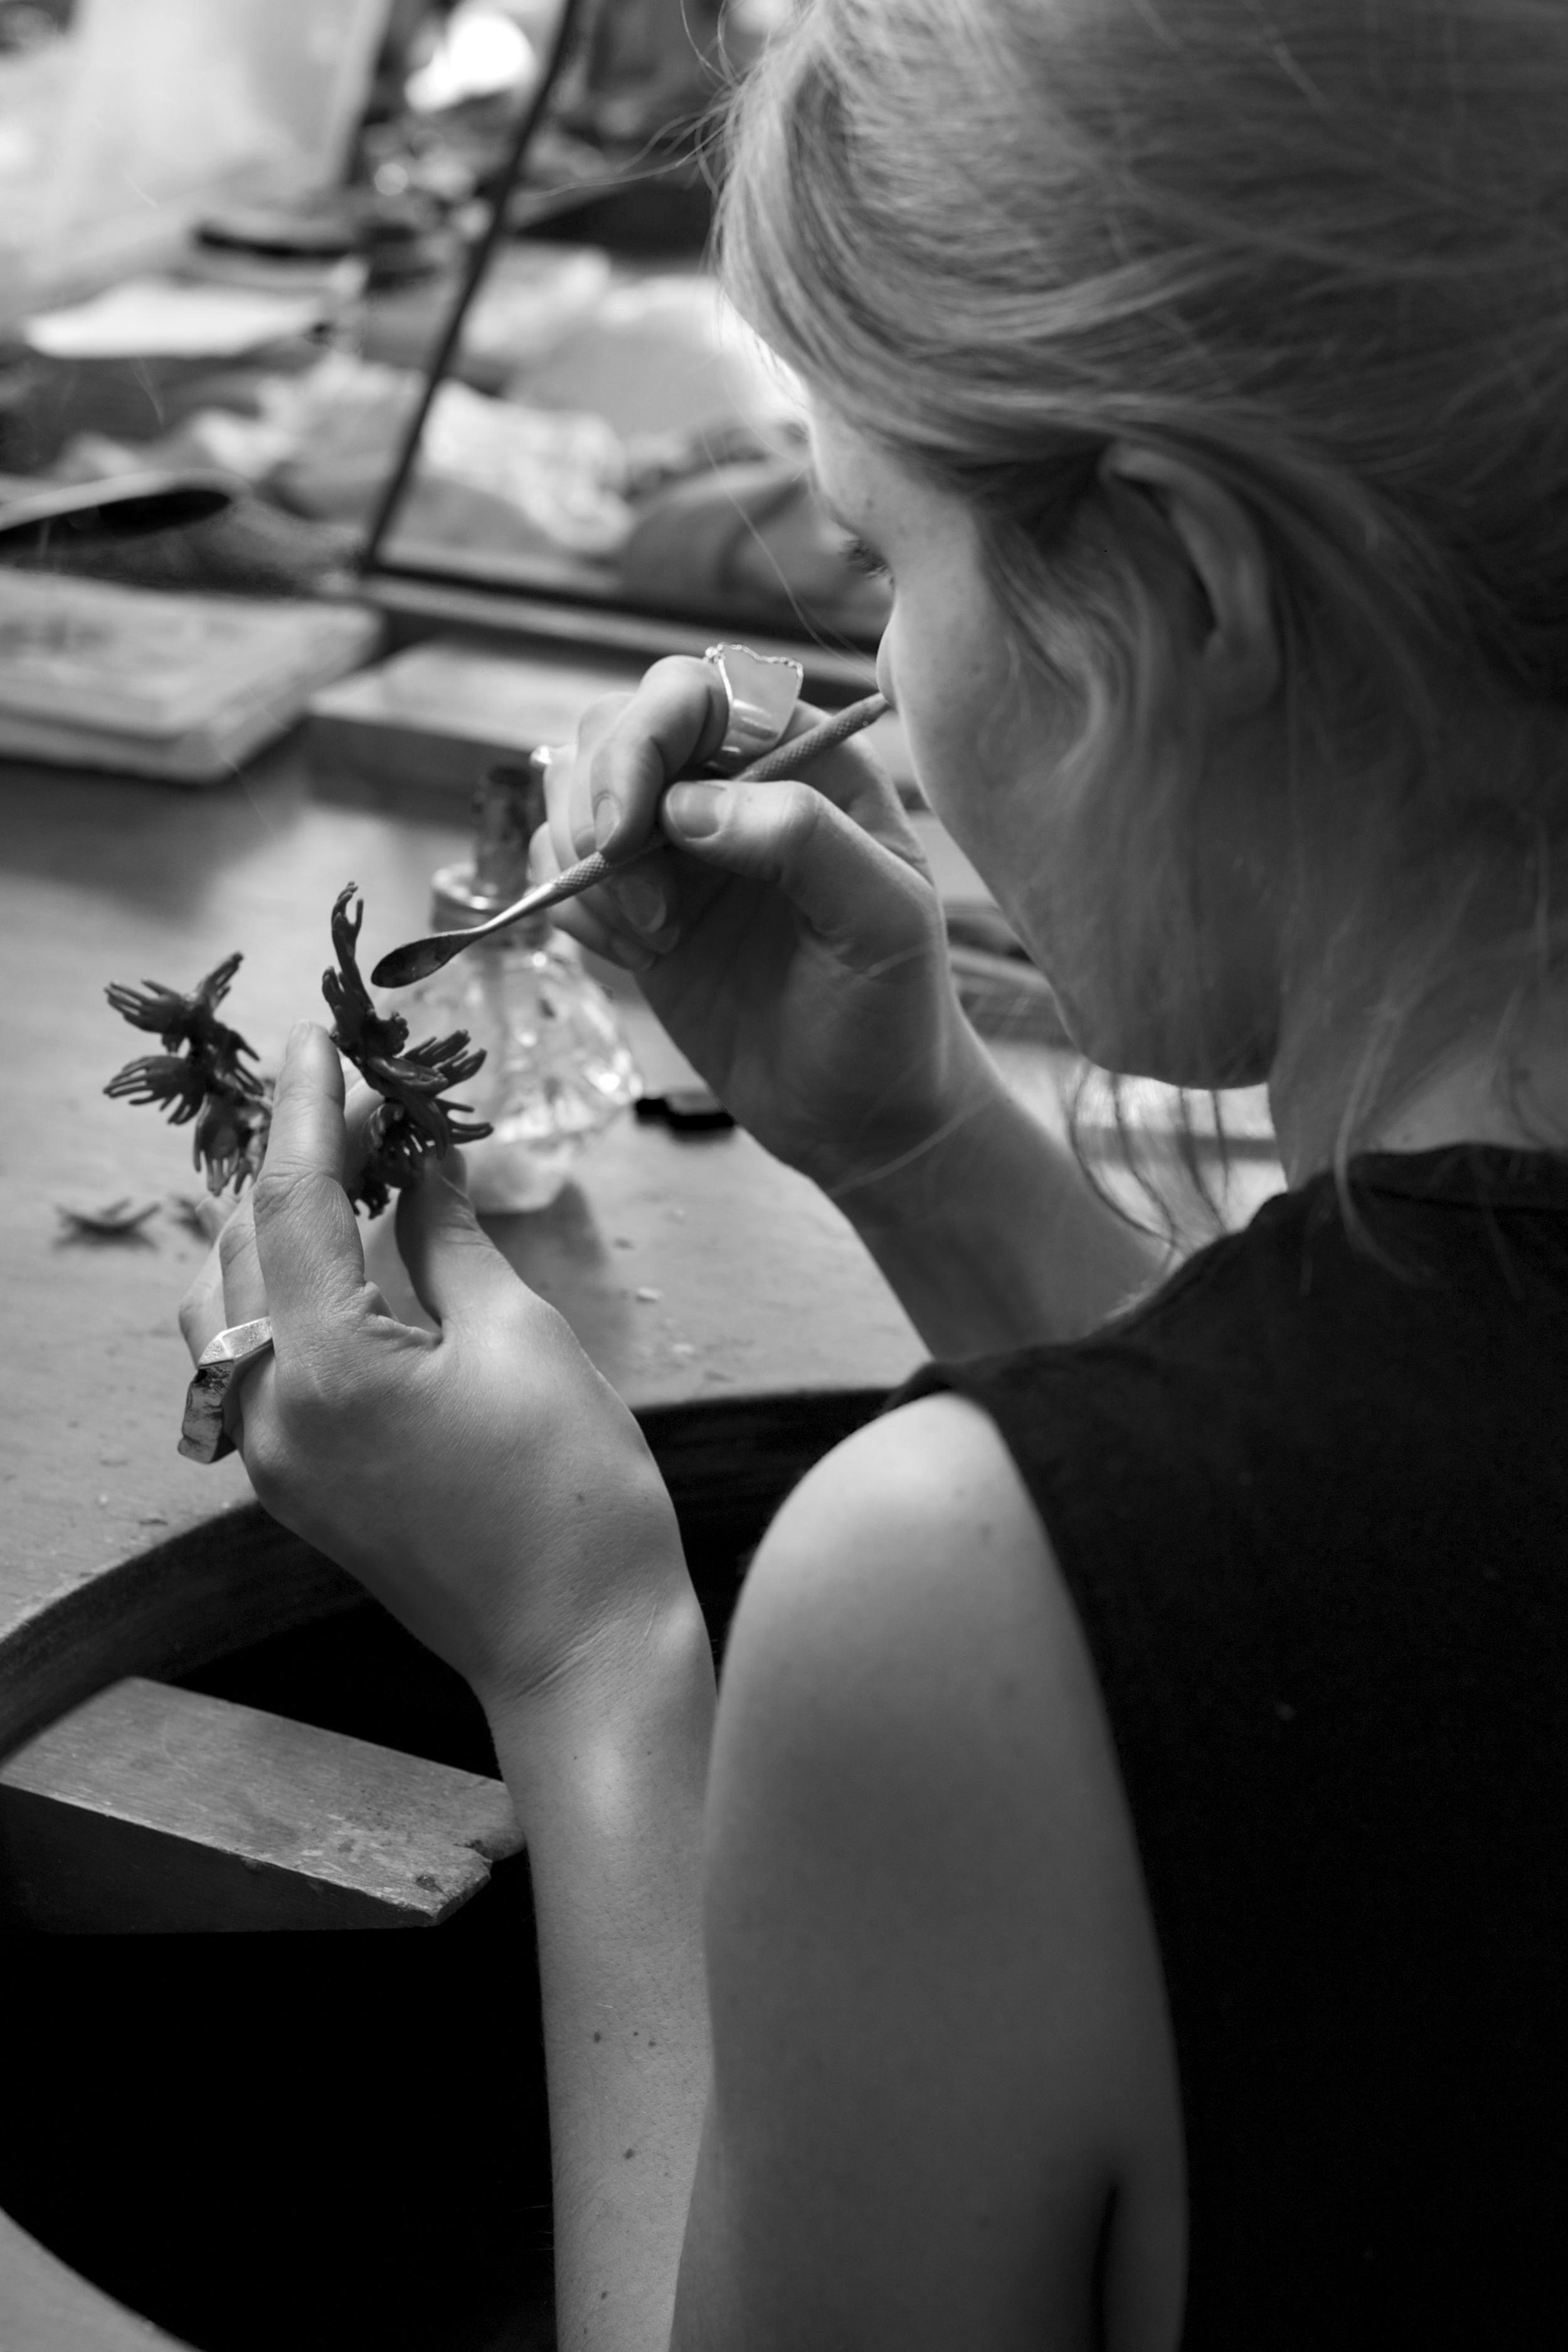 Captve Jewelry, independent jewelry designer, Velvit